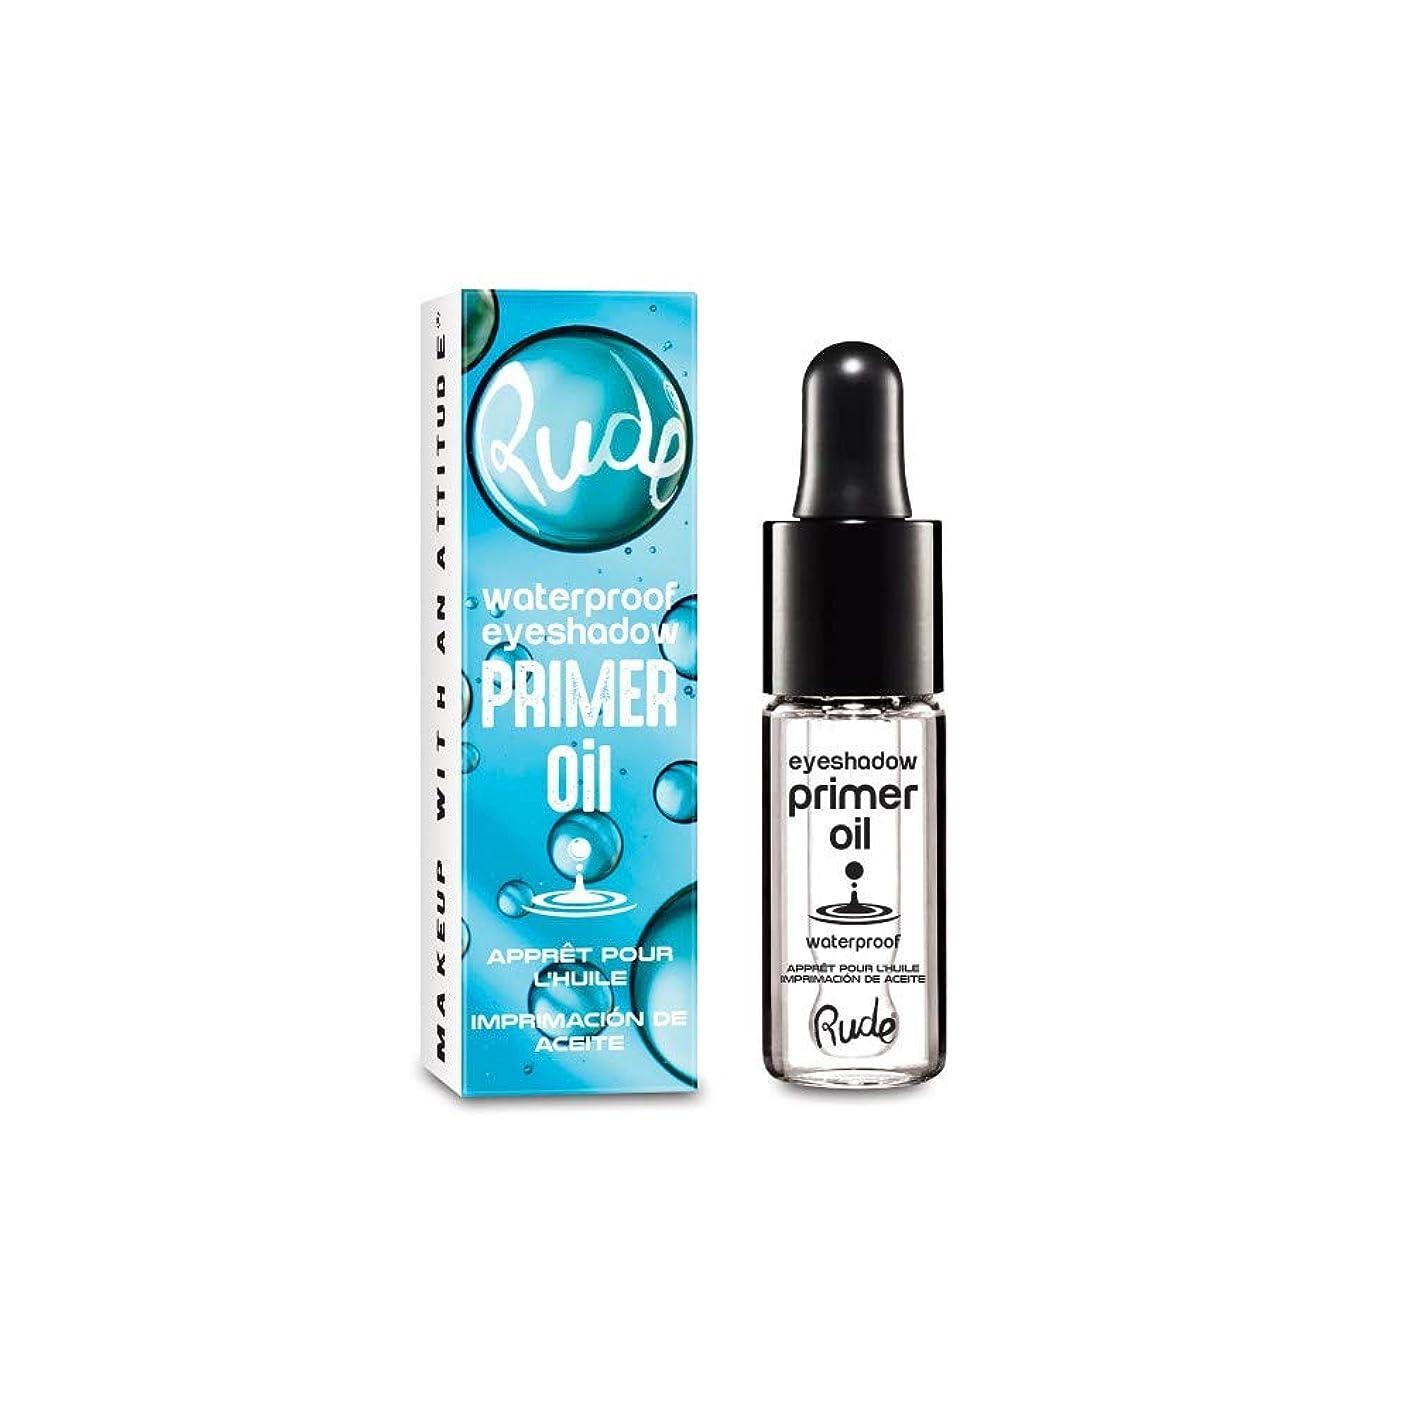 学者テントなんでも(3 Pack) RUDE Waterproof Eyeshadow Primer Oil (並行輸入品)